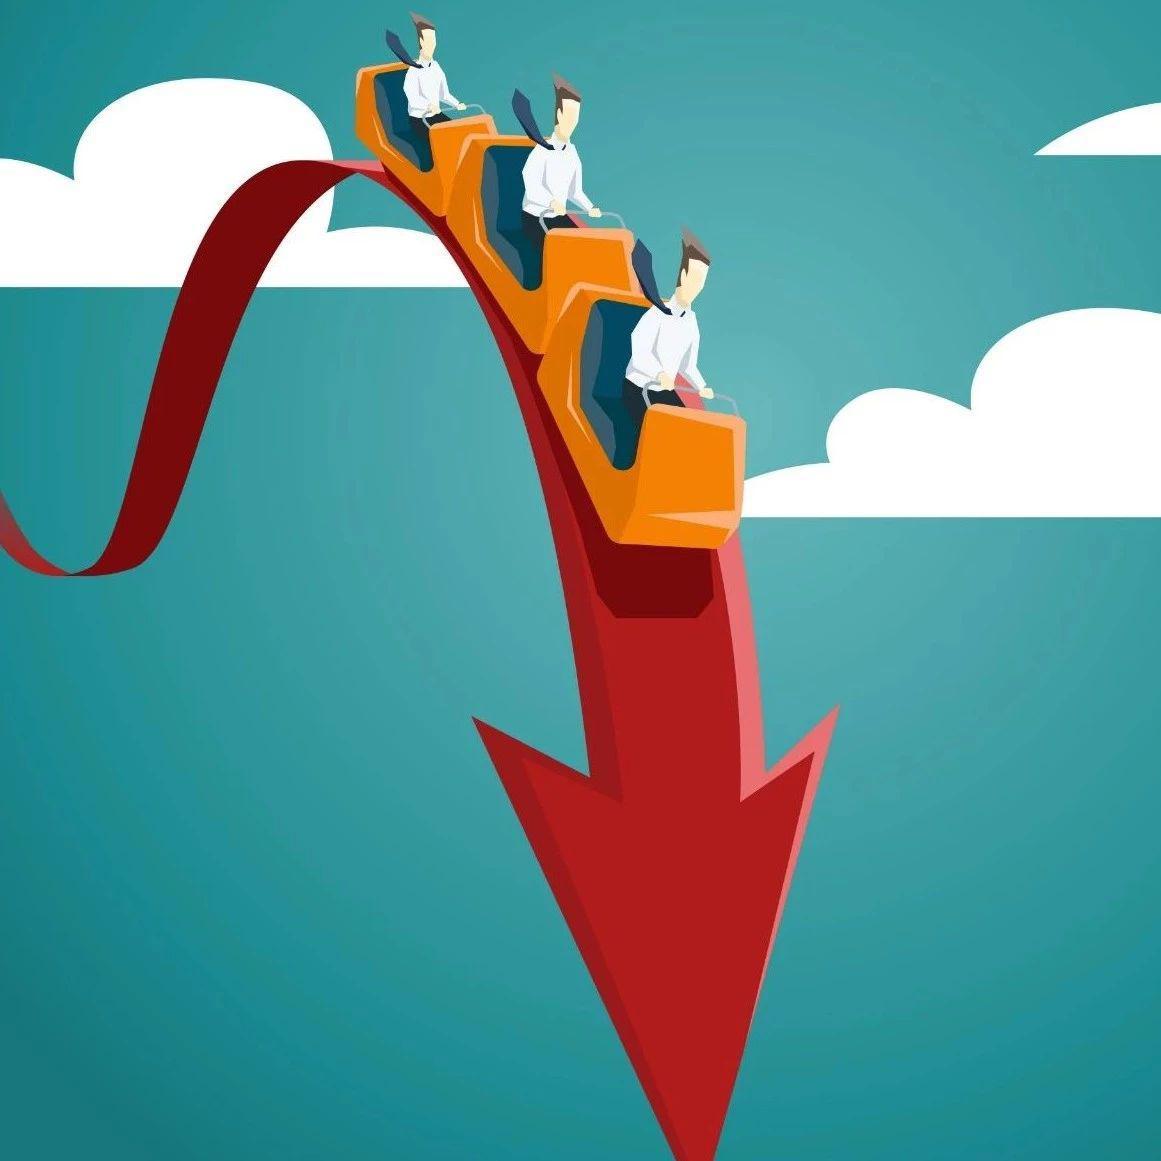 增收不增利、股东套利离场 兴齐眼药股价谁来撑?